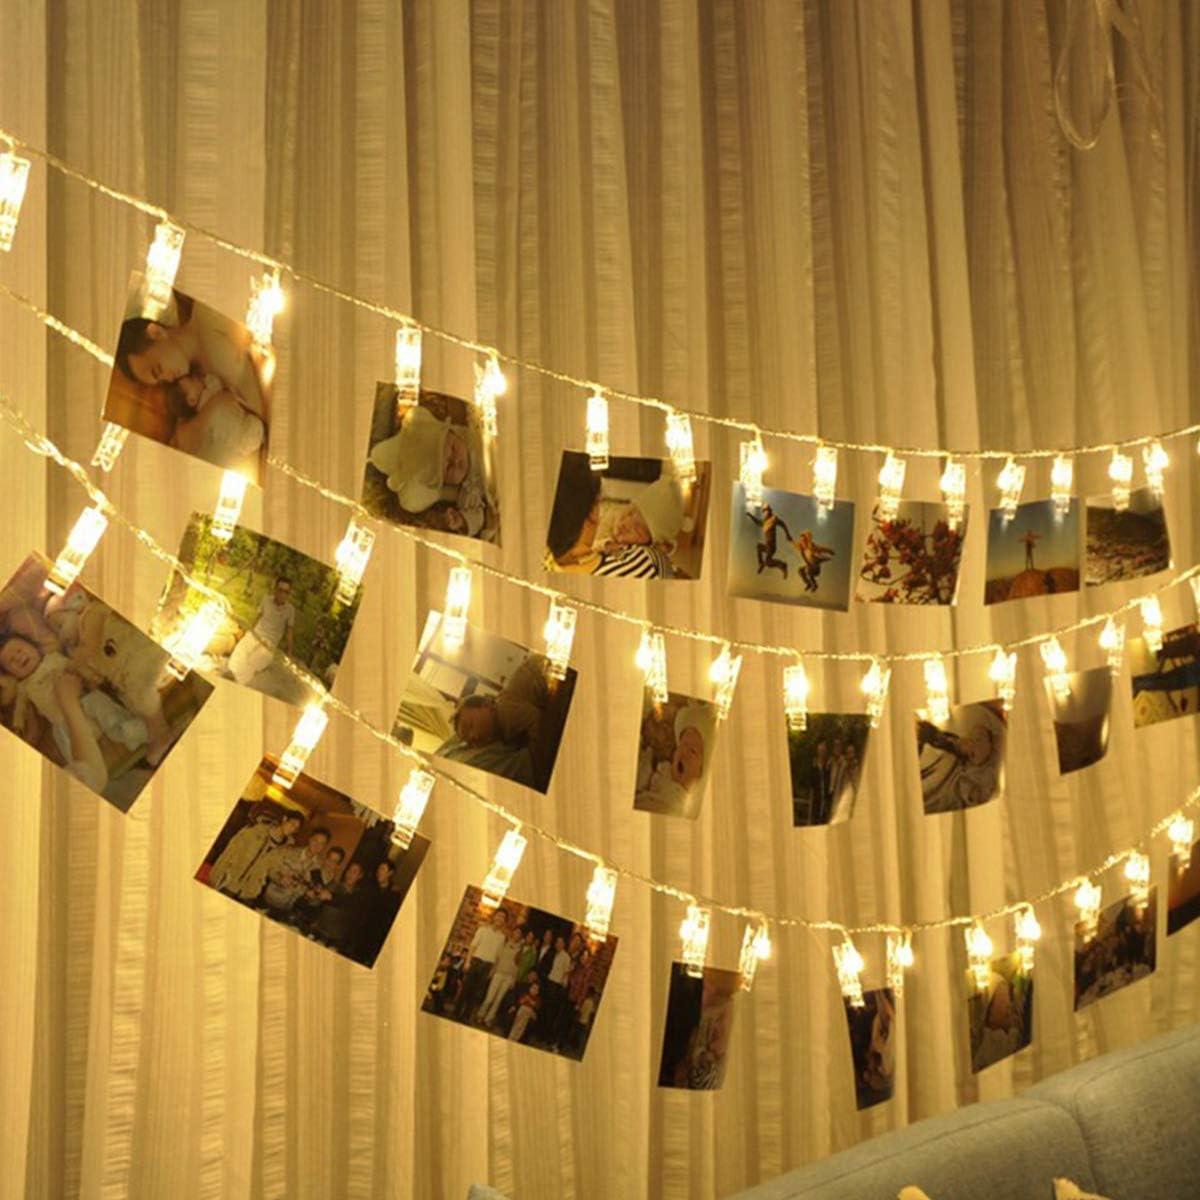 Au/ßen,Weihnachten,Party,Hochzeit Batteriebetrieben,Warmwei/ß 6M 40 LED Photoclips,Foto-Clip Licht f/ür Zimmer Lichterketten,Innen Fulighture Led Foto Lichterkette,Stimmungsbeleuchtung Dekoration